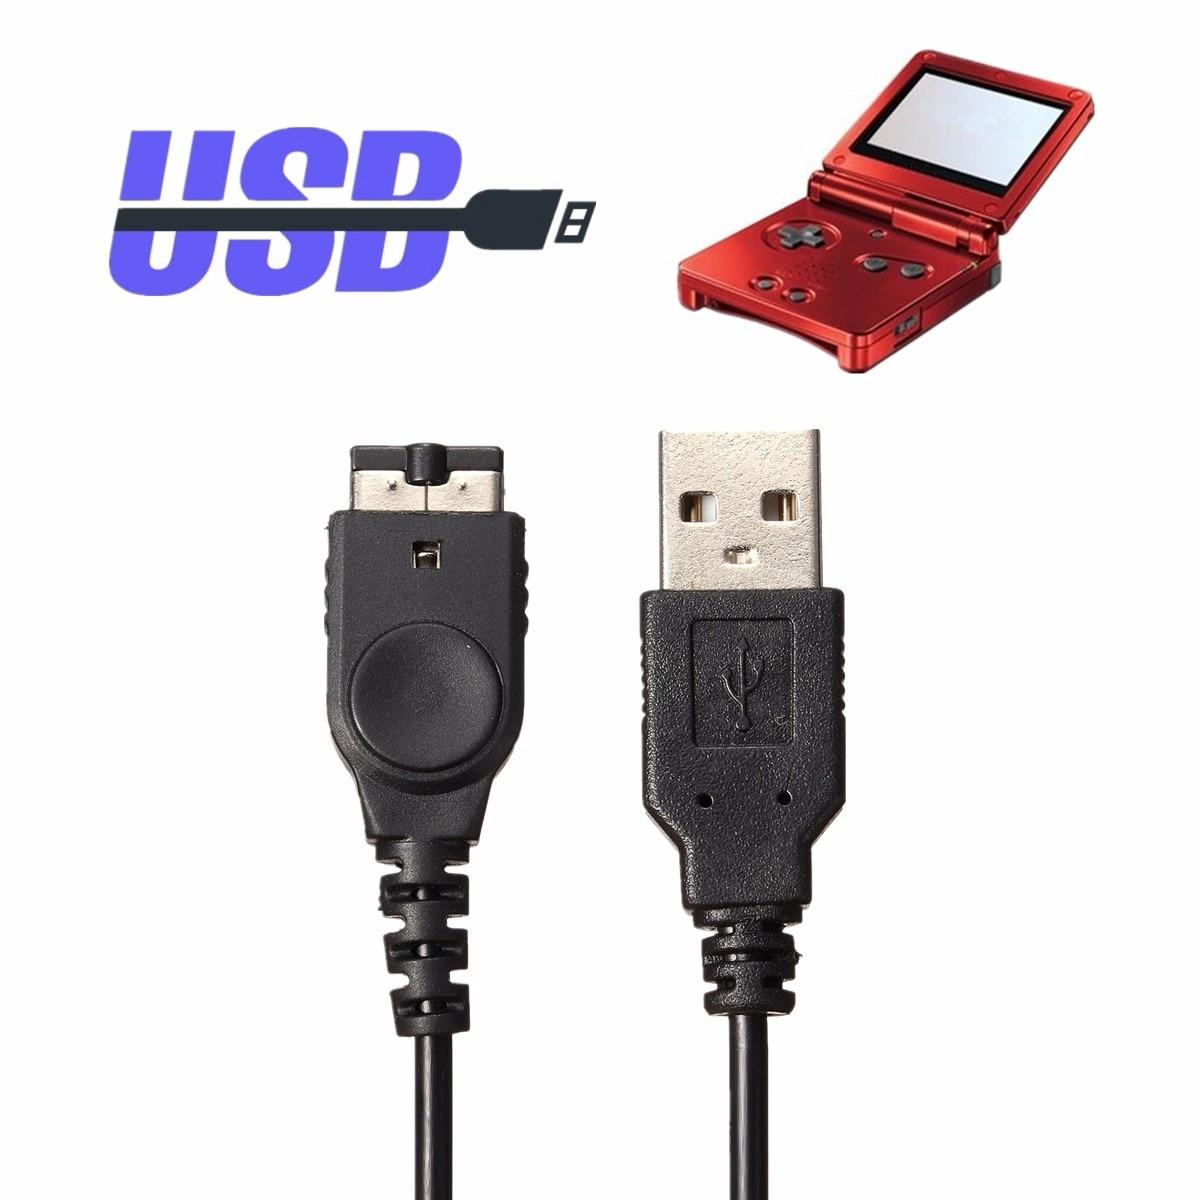 Game boy color kabel - Hot Koop 1 2 M Usb Oplaadkabel Charger Kabel Voor Nintendo Ds Gameboy Advance Gba Sp Hoge